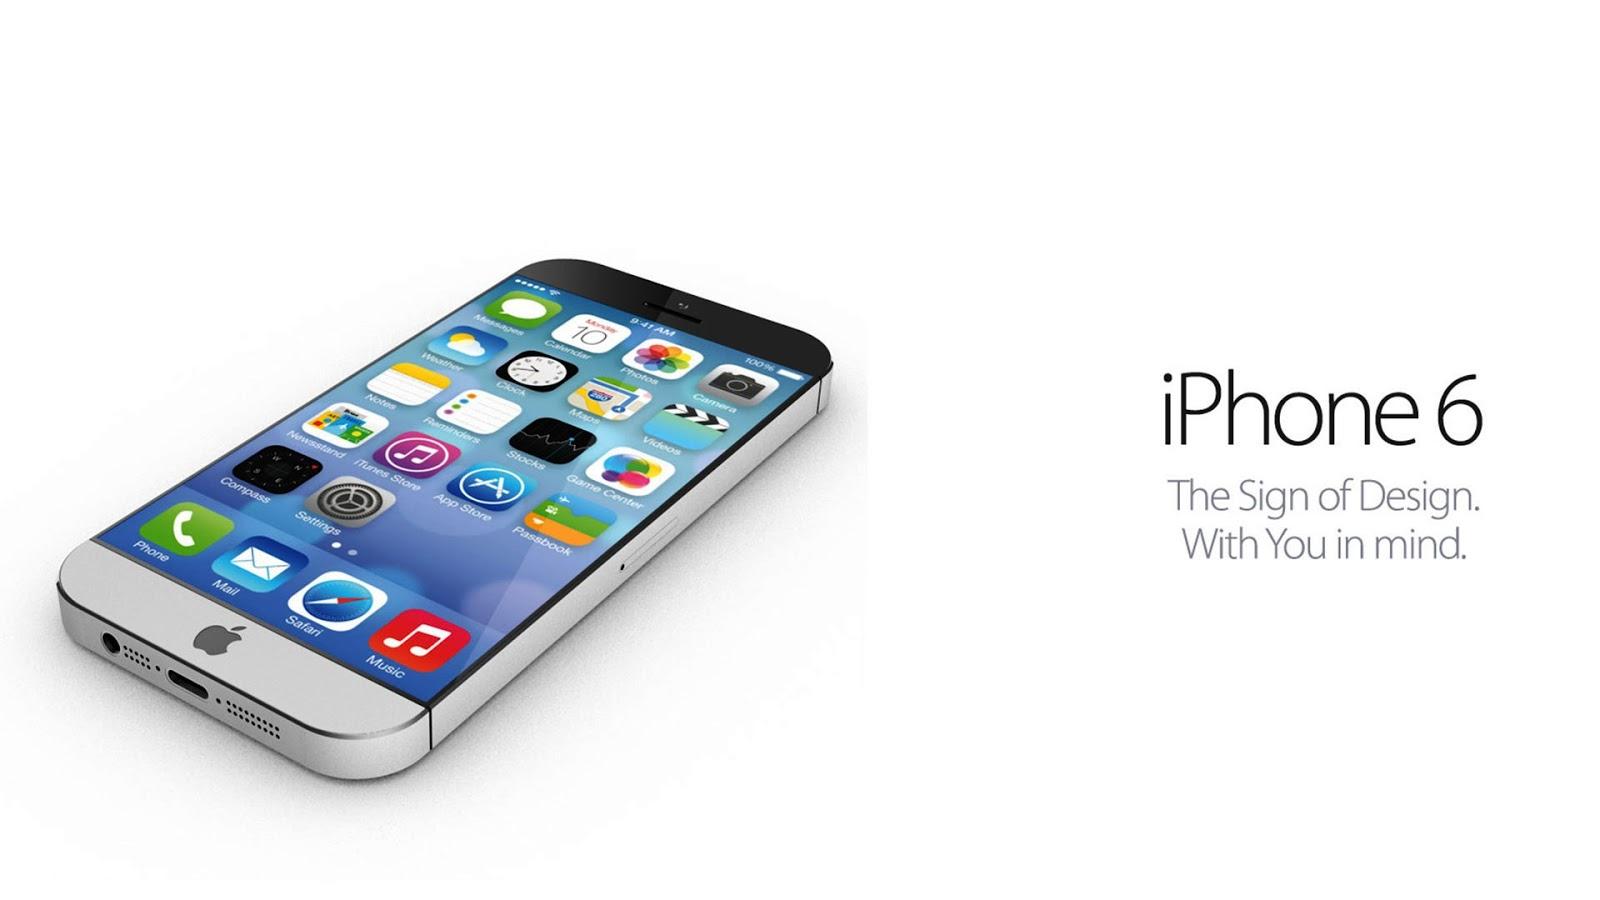 hot bargain phones best deals on refurbished apple iphone. Black Bedroom Furniture Sets. Home Design Ideas